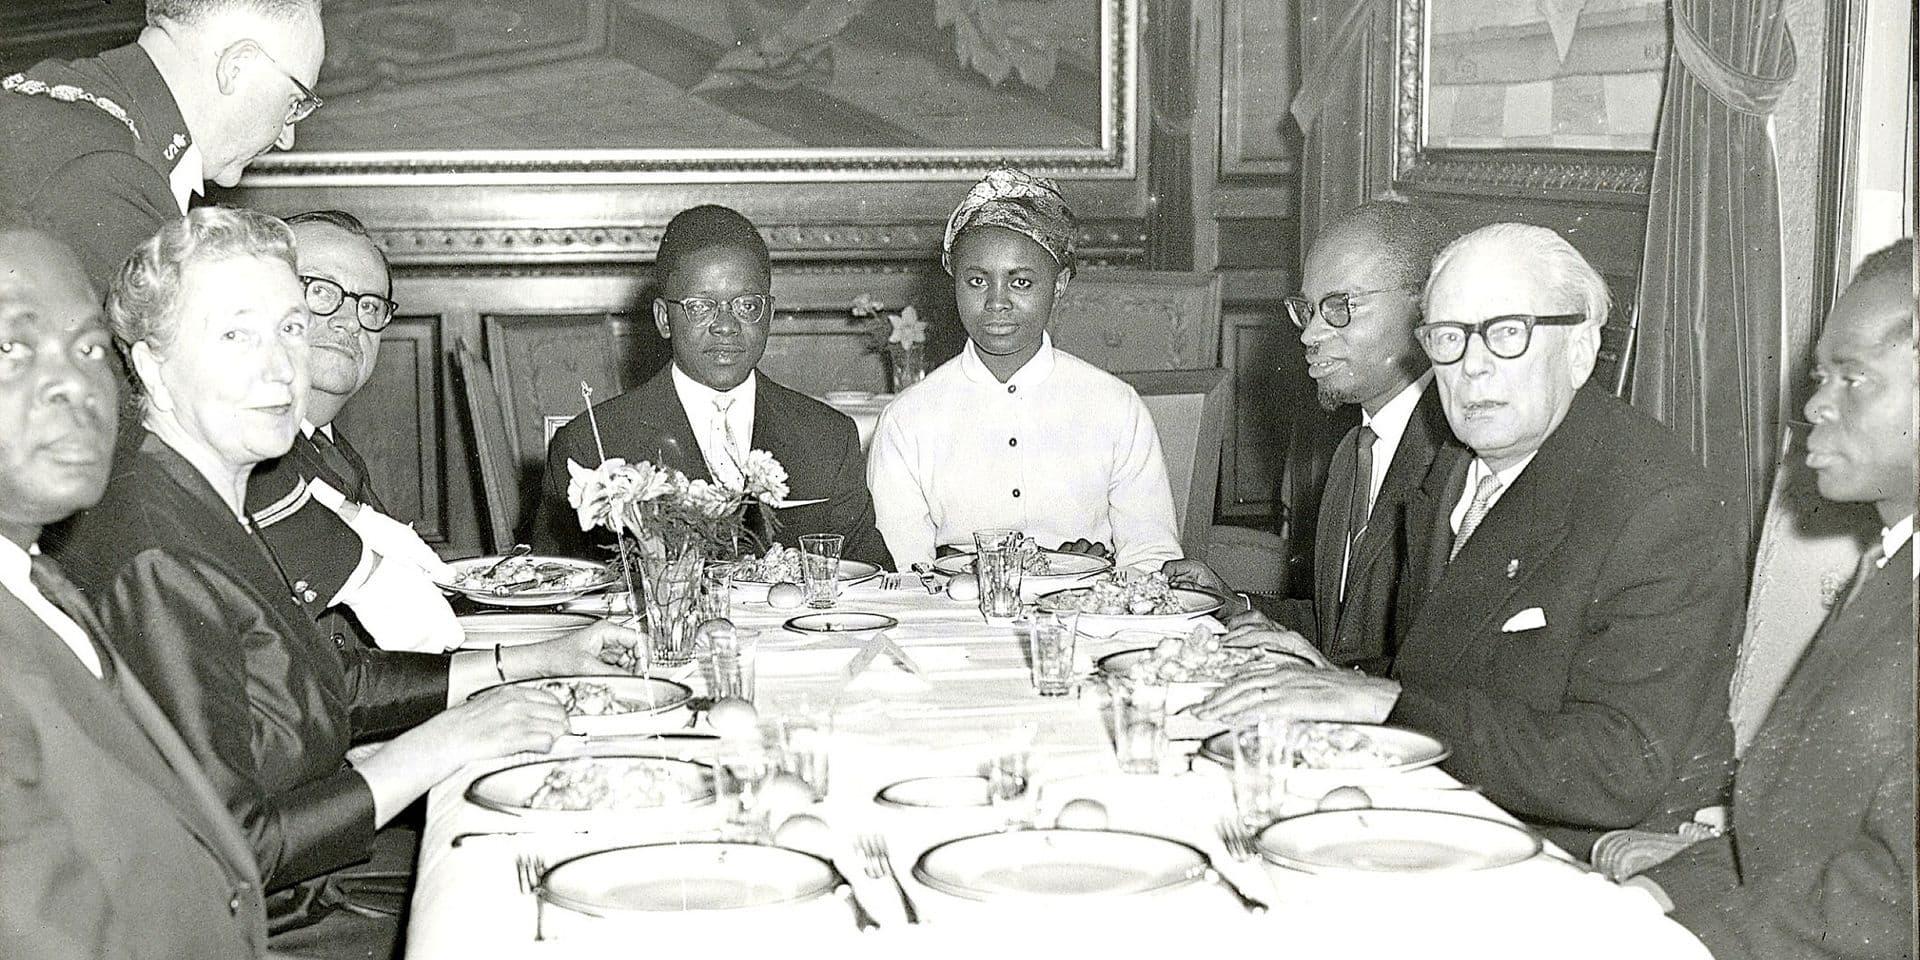 Témoin de la Table ronde qui fixait l'indépendance du Congo, Paule Bouvier nous plonge dans un moment historique